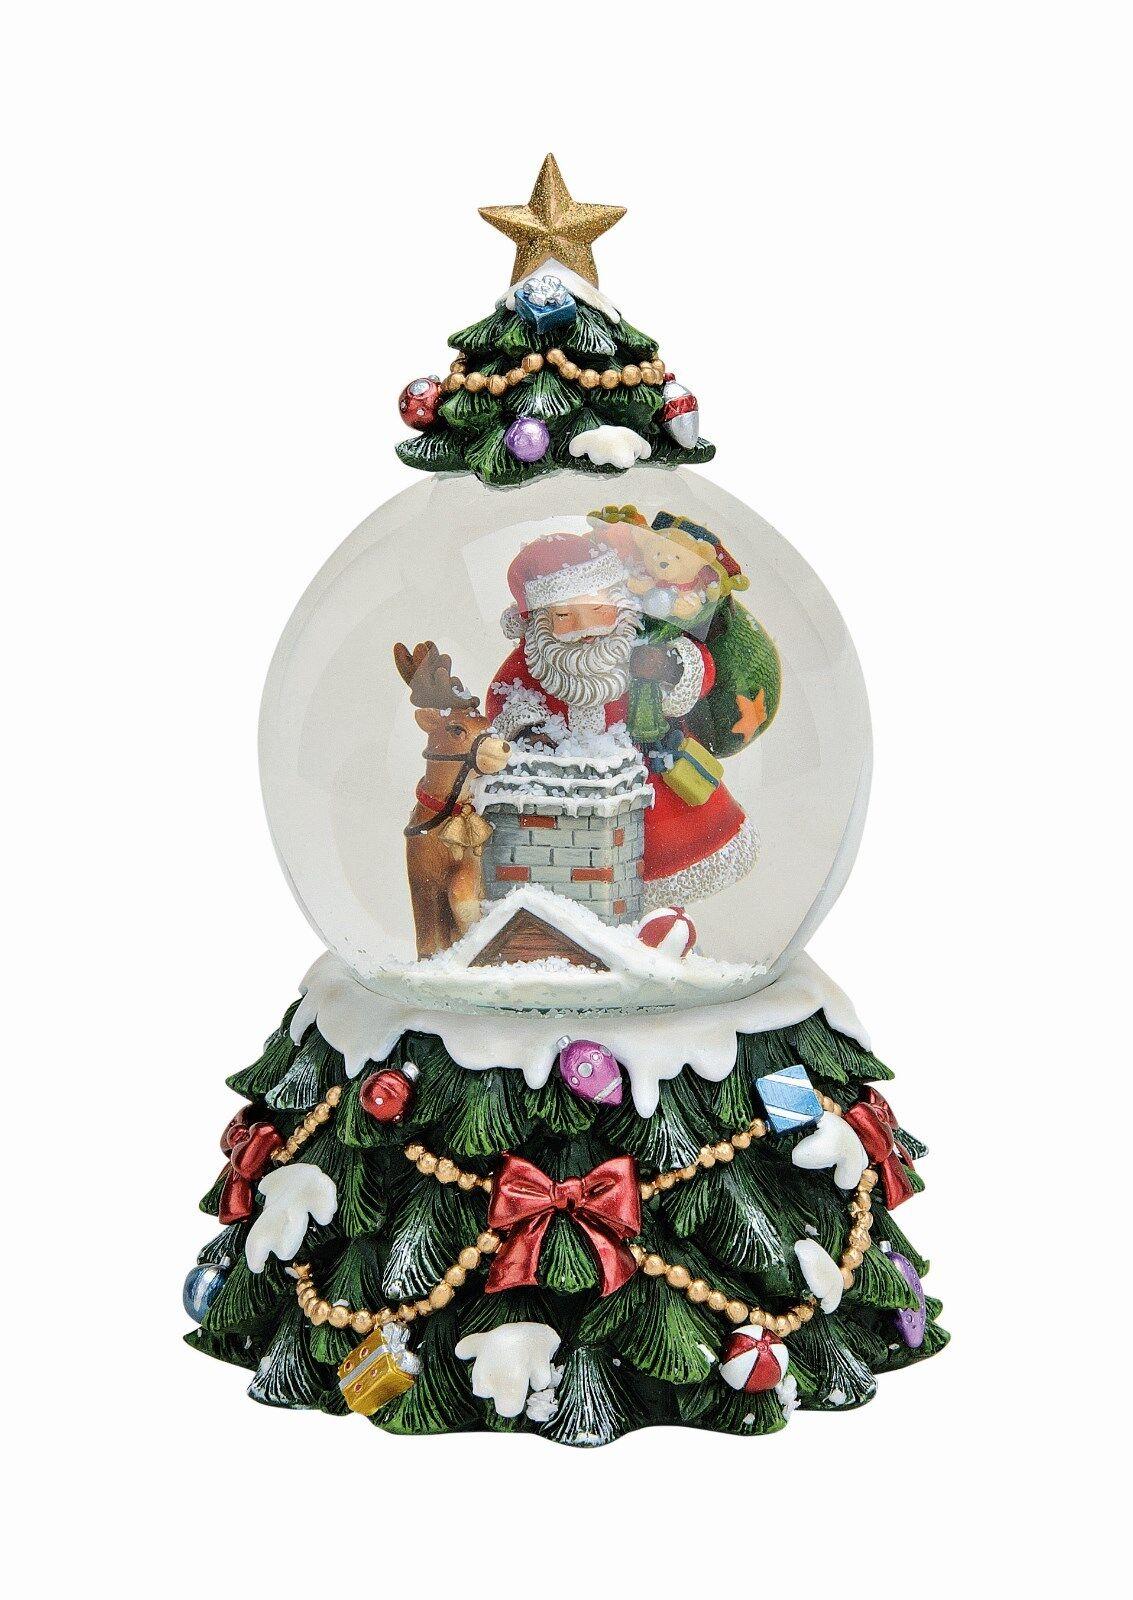 Grande boule de neige, Boîte musique, à musique, Boîte Noël, Déco, Nikolaus Avec Tourbillon, f49aa2